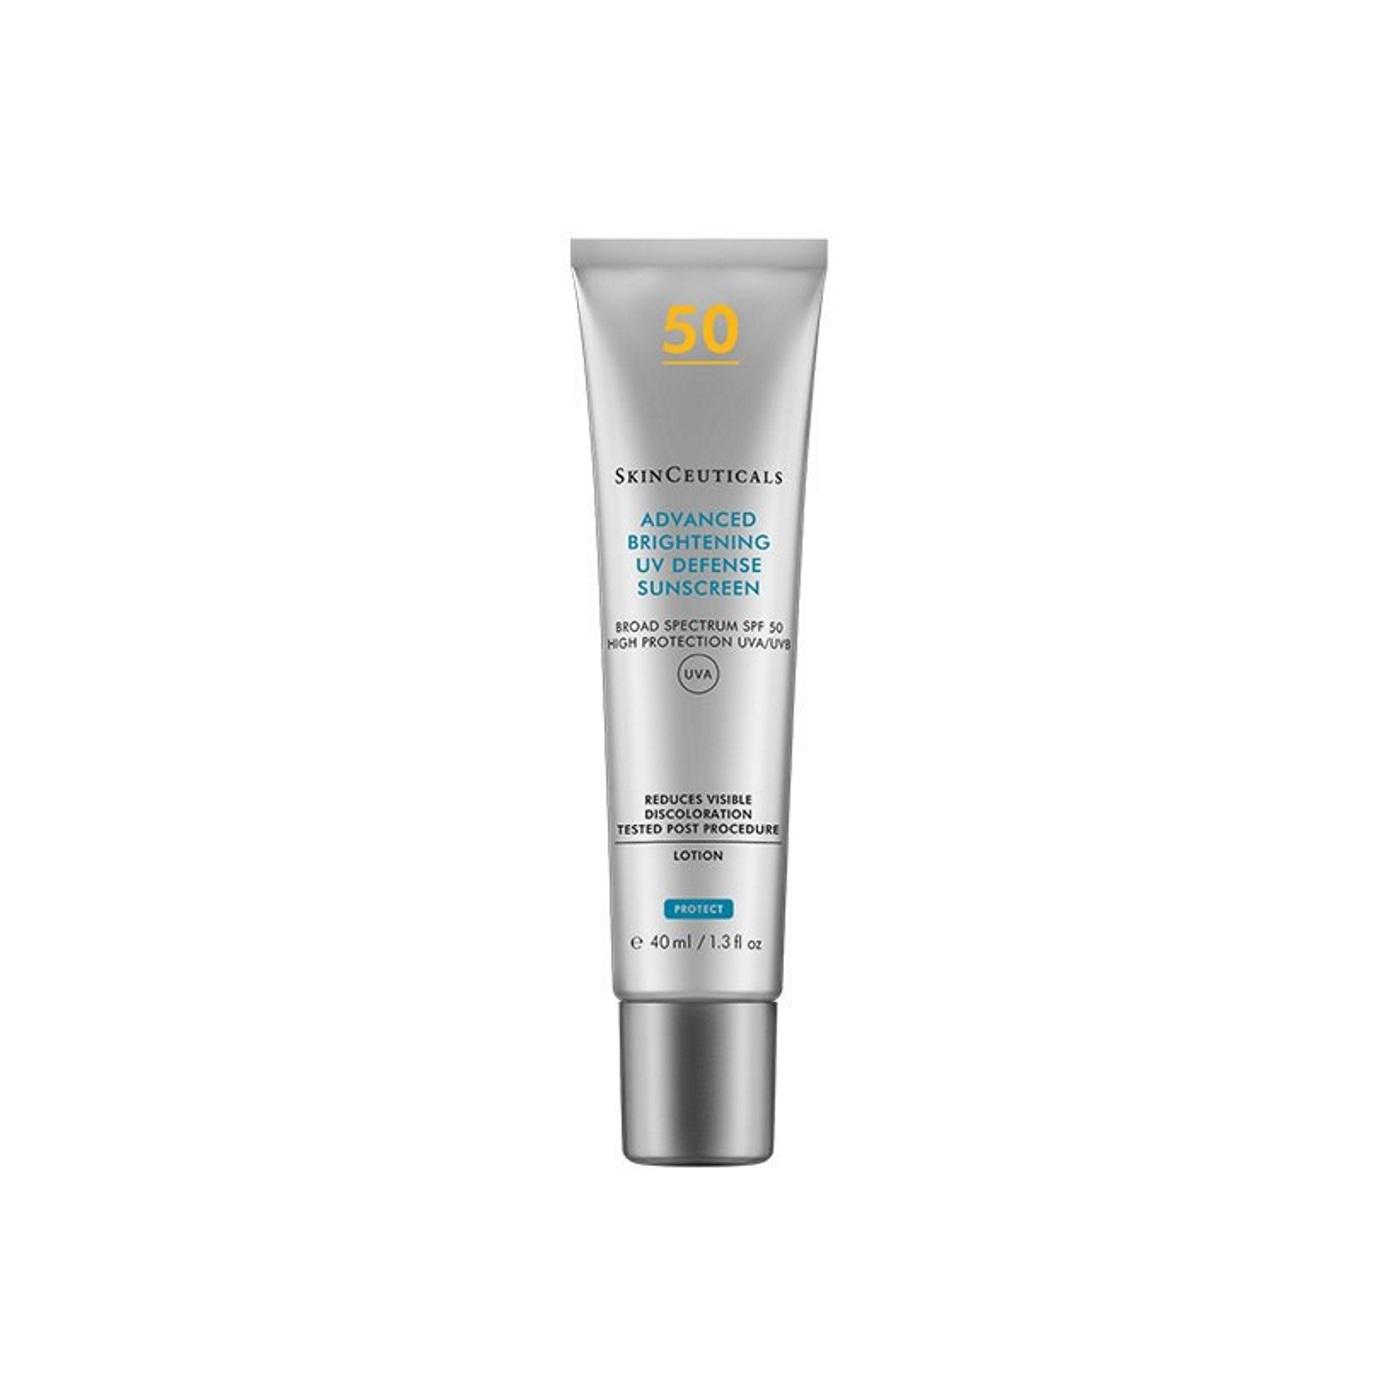 SkinCeuticals, Advanced Brightening UV Defense SPF50.